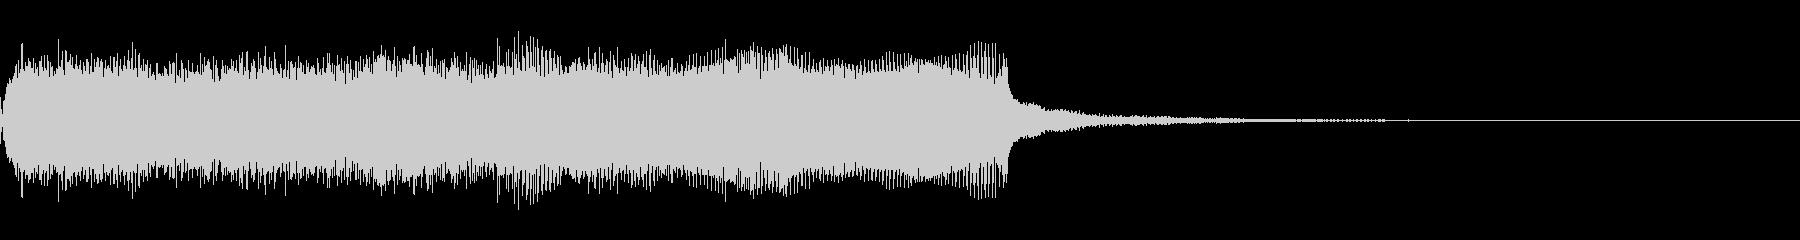 エレキ一本による 駆け上がっていジングルの未再生の波形